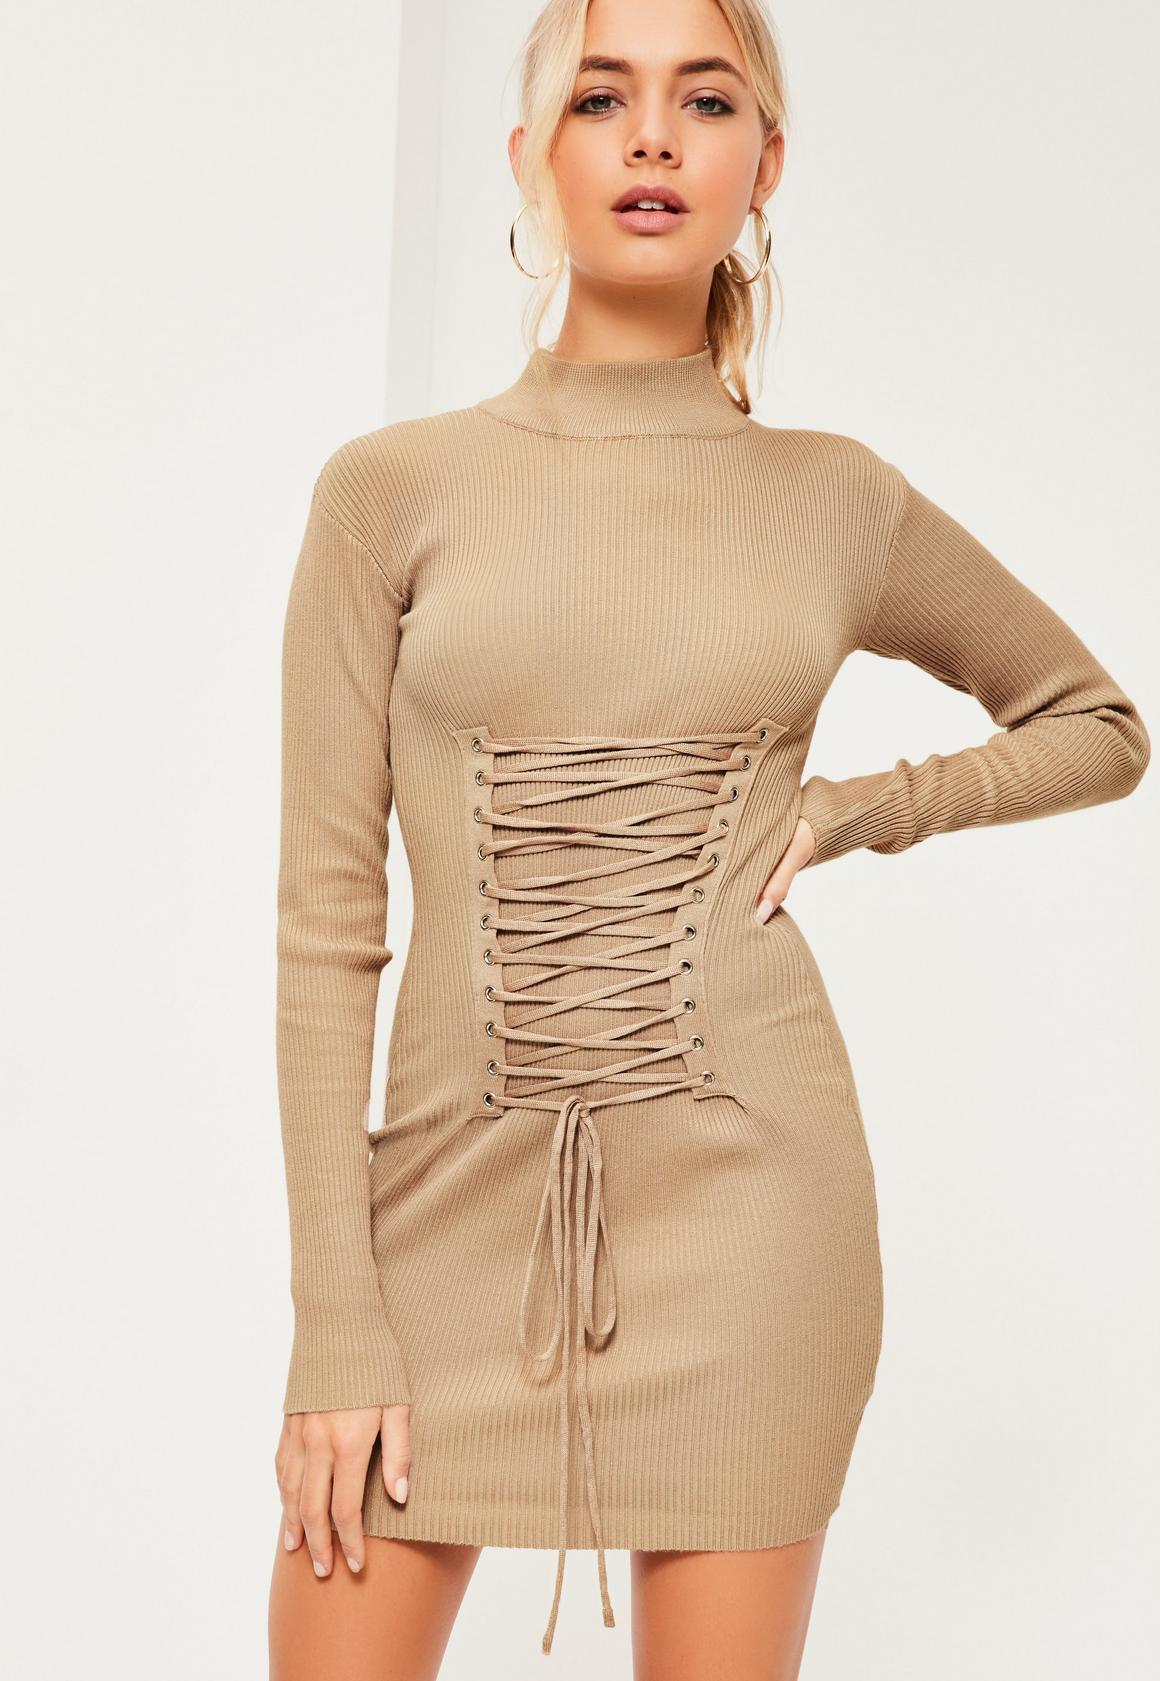 Lace up corset dresses